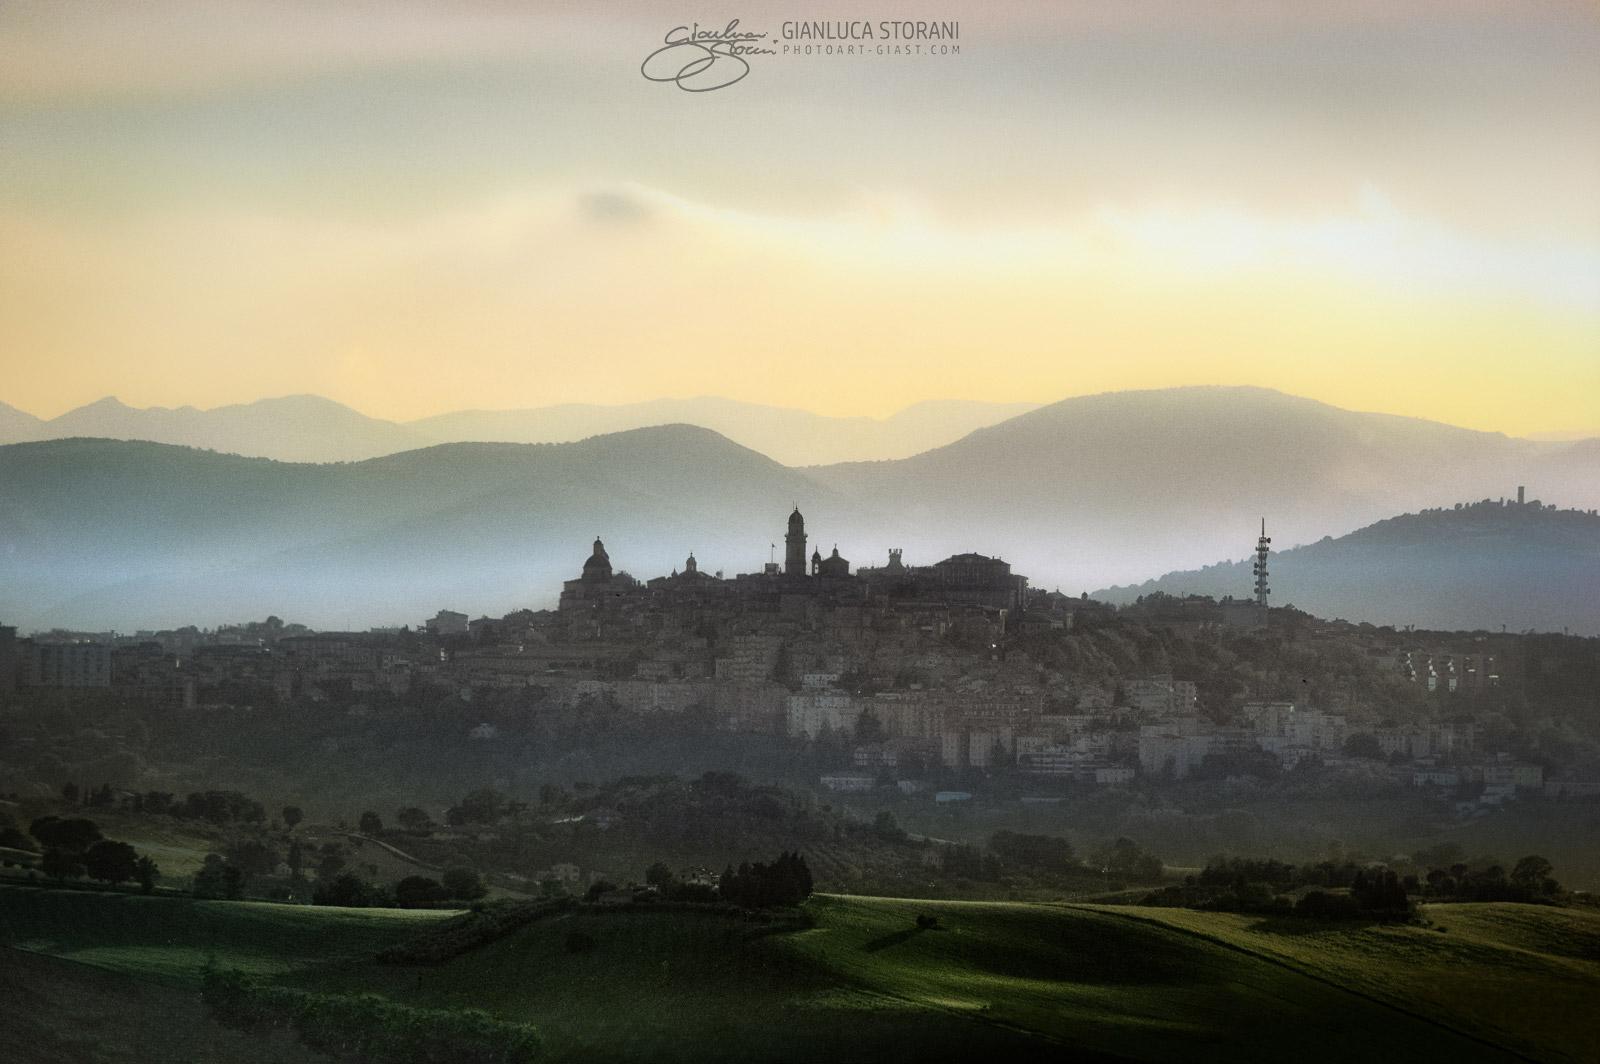 Macerata una città magica - Gianluca Storani Photo Art (ID: 3-7357)